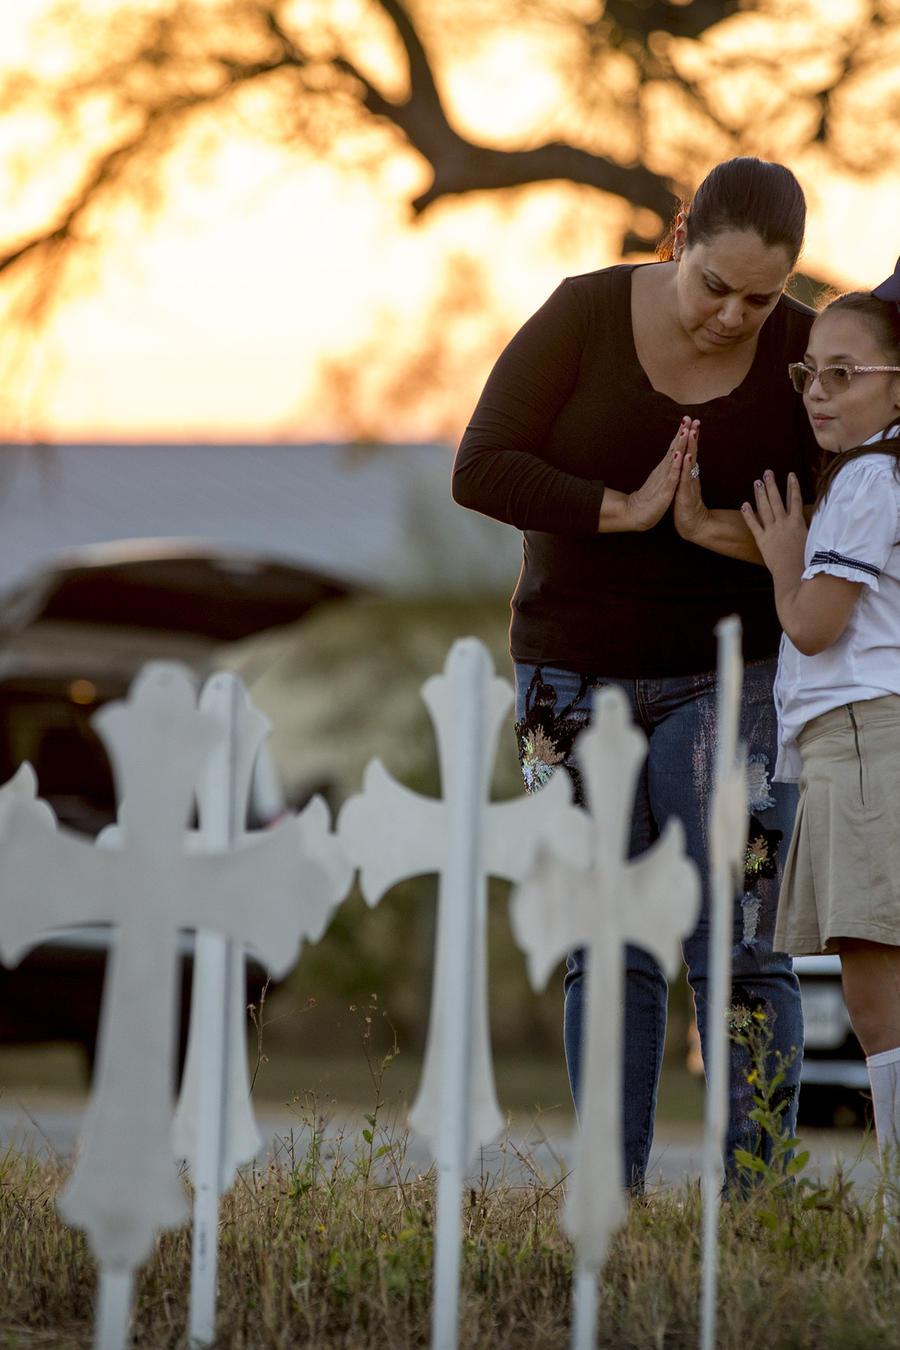 Vecinos visitan un lugar de recuerdo creado con 26 cruces de metal cerca de la Primera Iglesia Bautista de Sutherland Springs.